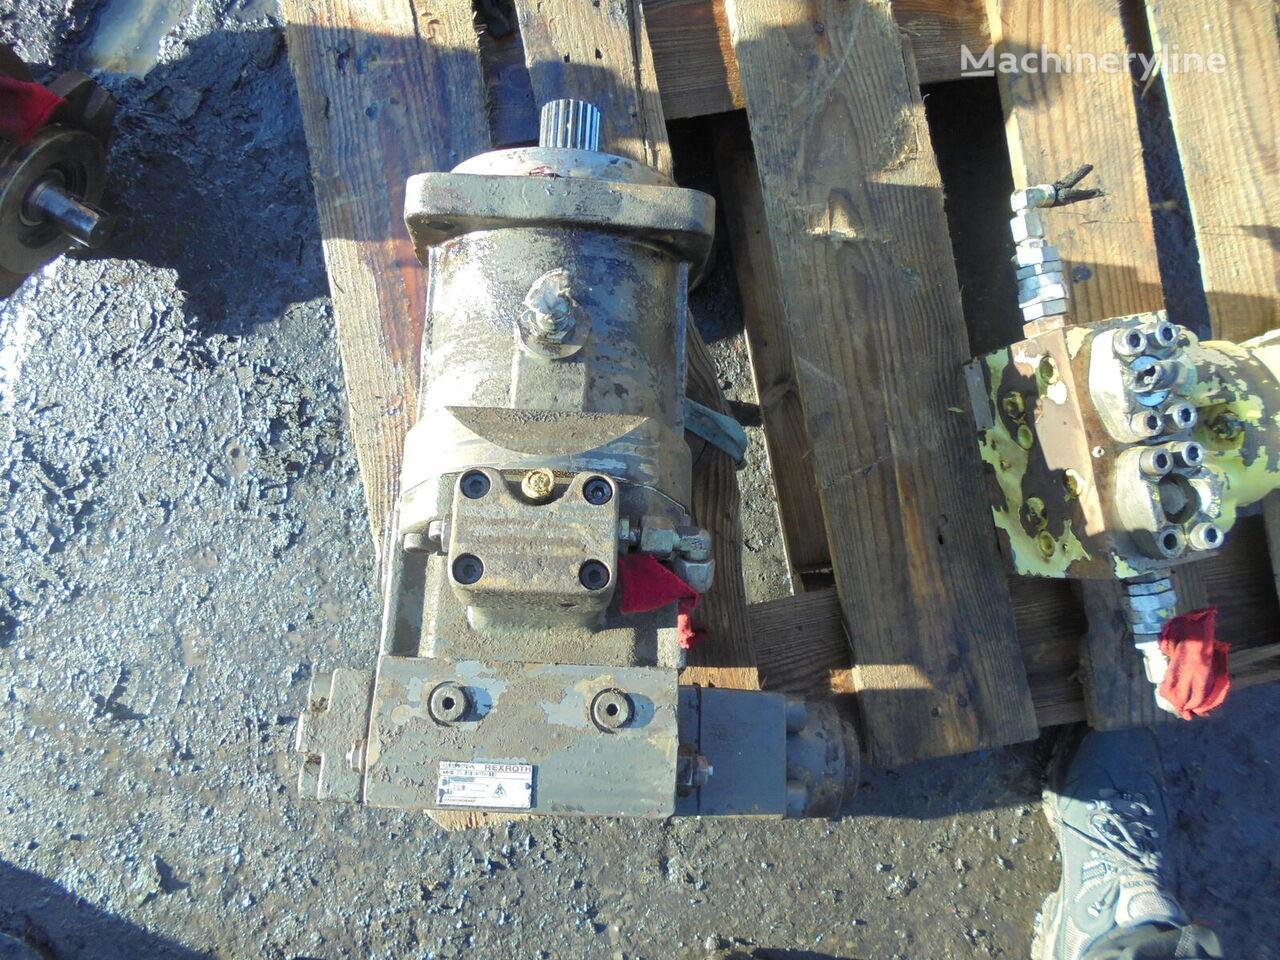 silnik hydrauliczny A6VM 107 HA 1/60 W - 210 / 30 do koparki